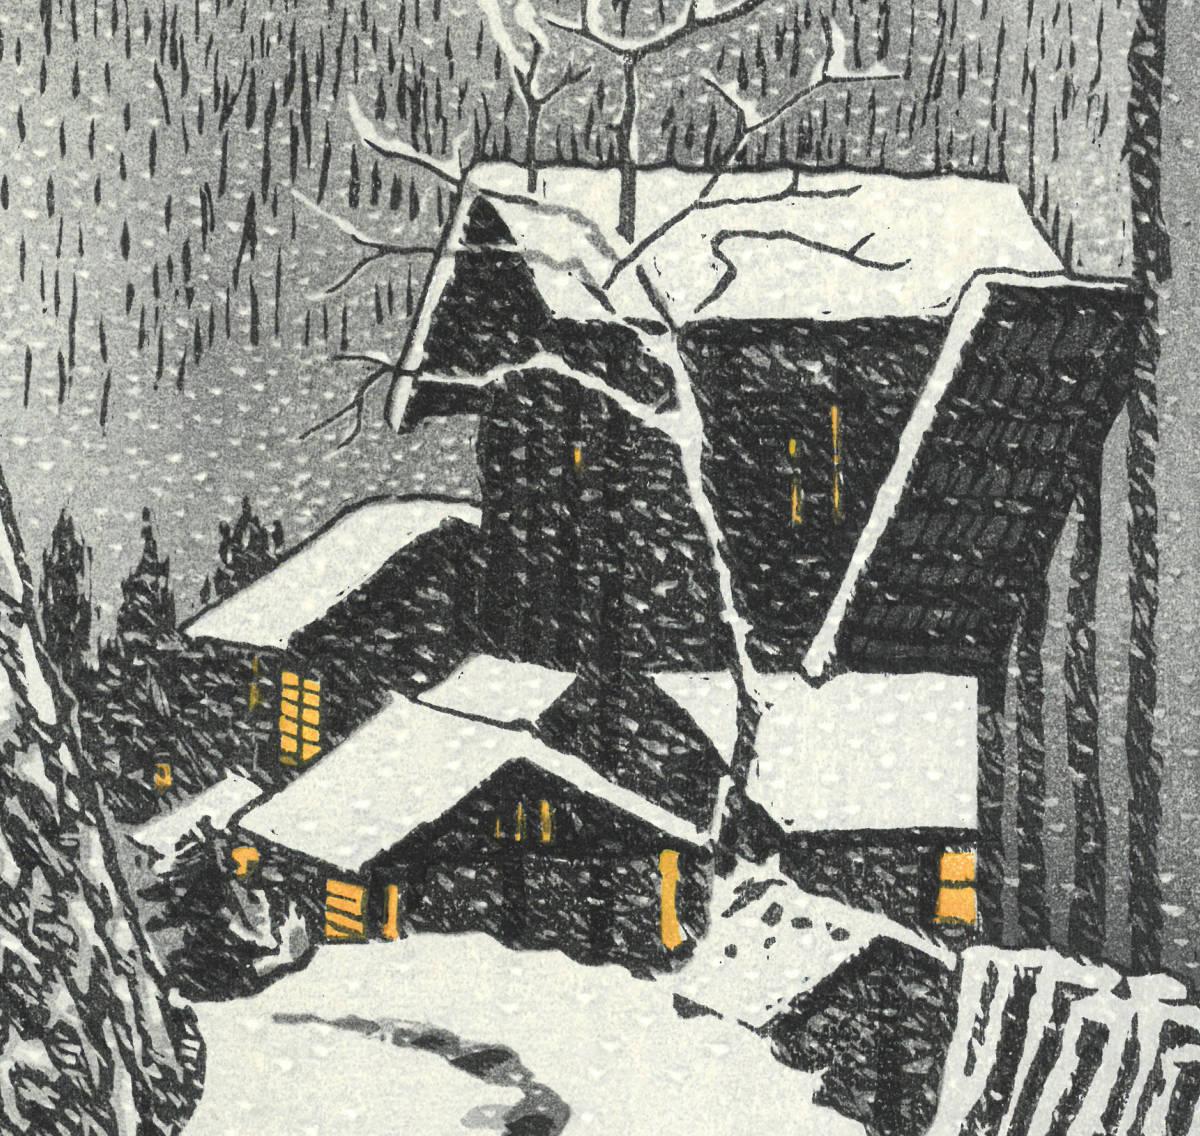 笠松作品専用額入り 笠松紫浪 木版画  sk21 夕暮の灯ー上州水上 新版画 初版昭和中期頃   京都の一流の摺師の技をご堪能ください!!_画像10